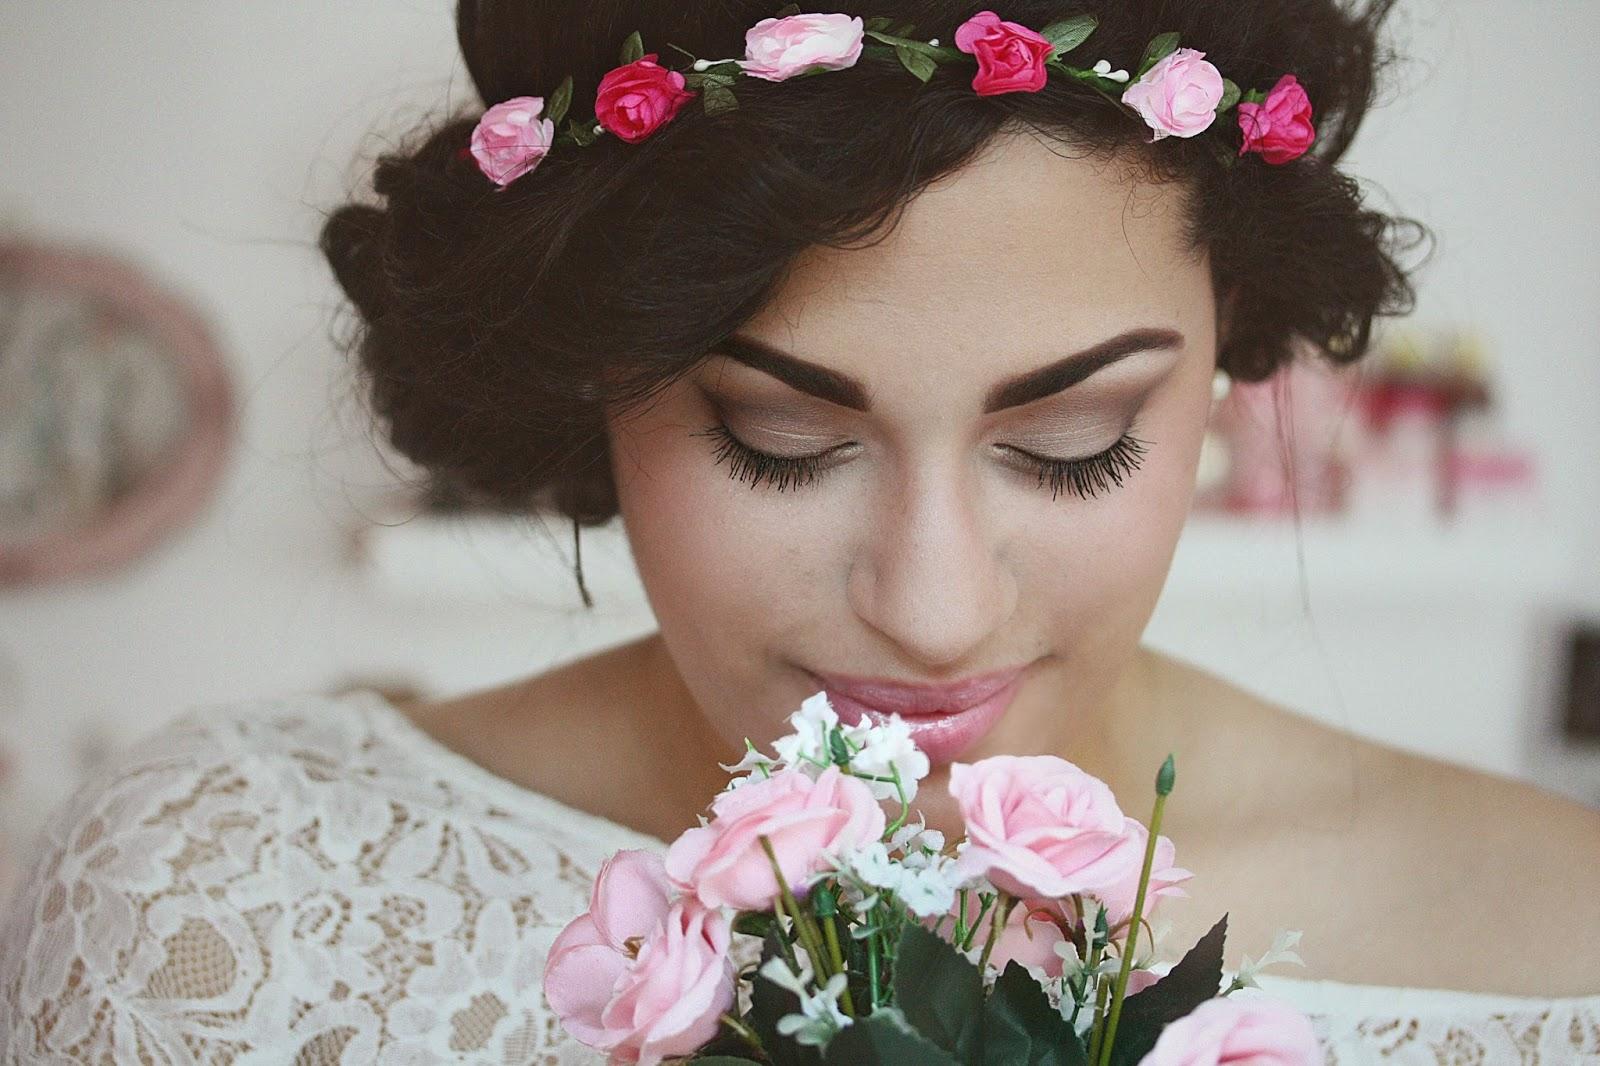 http://www.rosemademoiselle.com/2015/03/spring-flower-girl-tutoriel.html